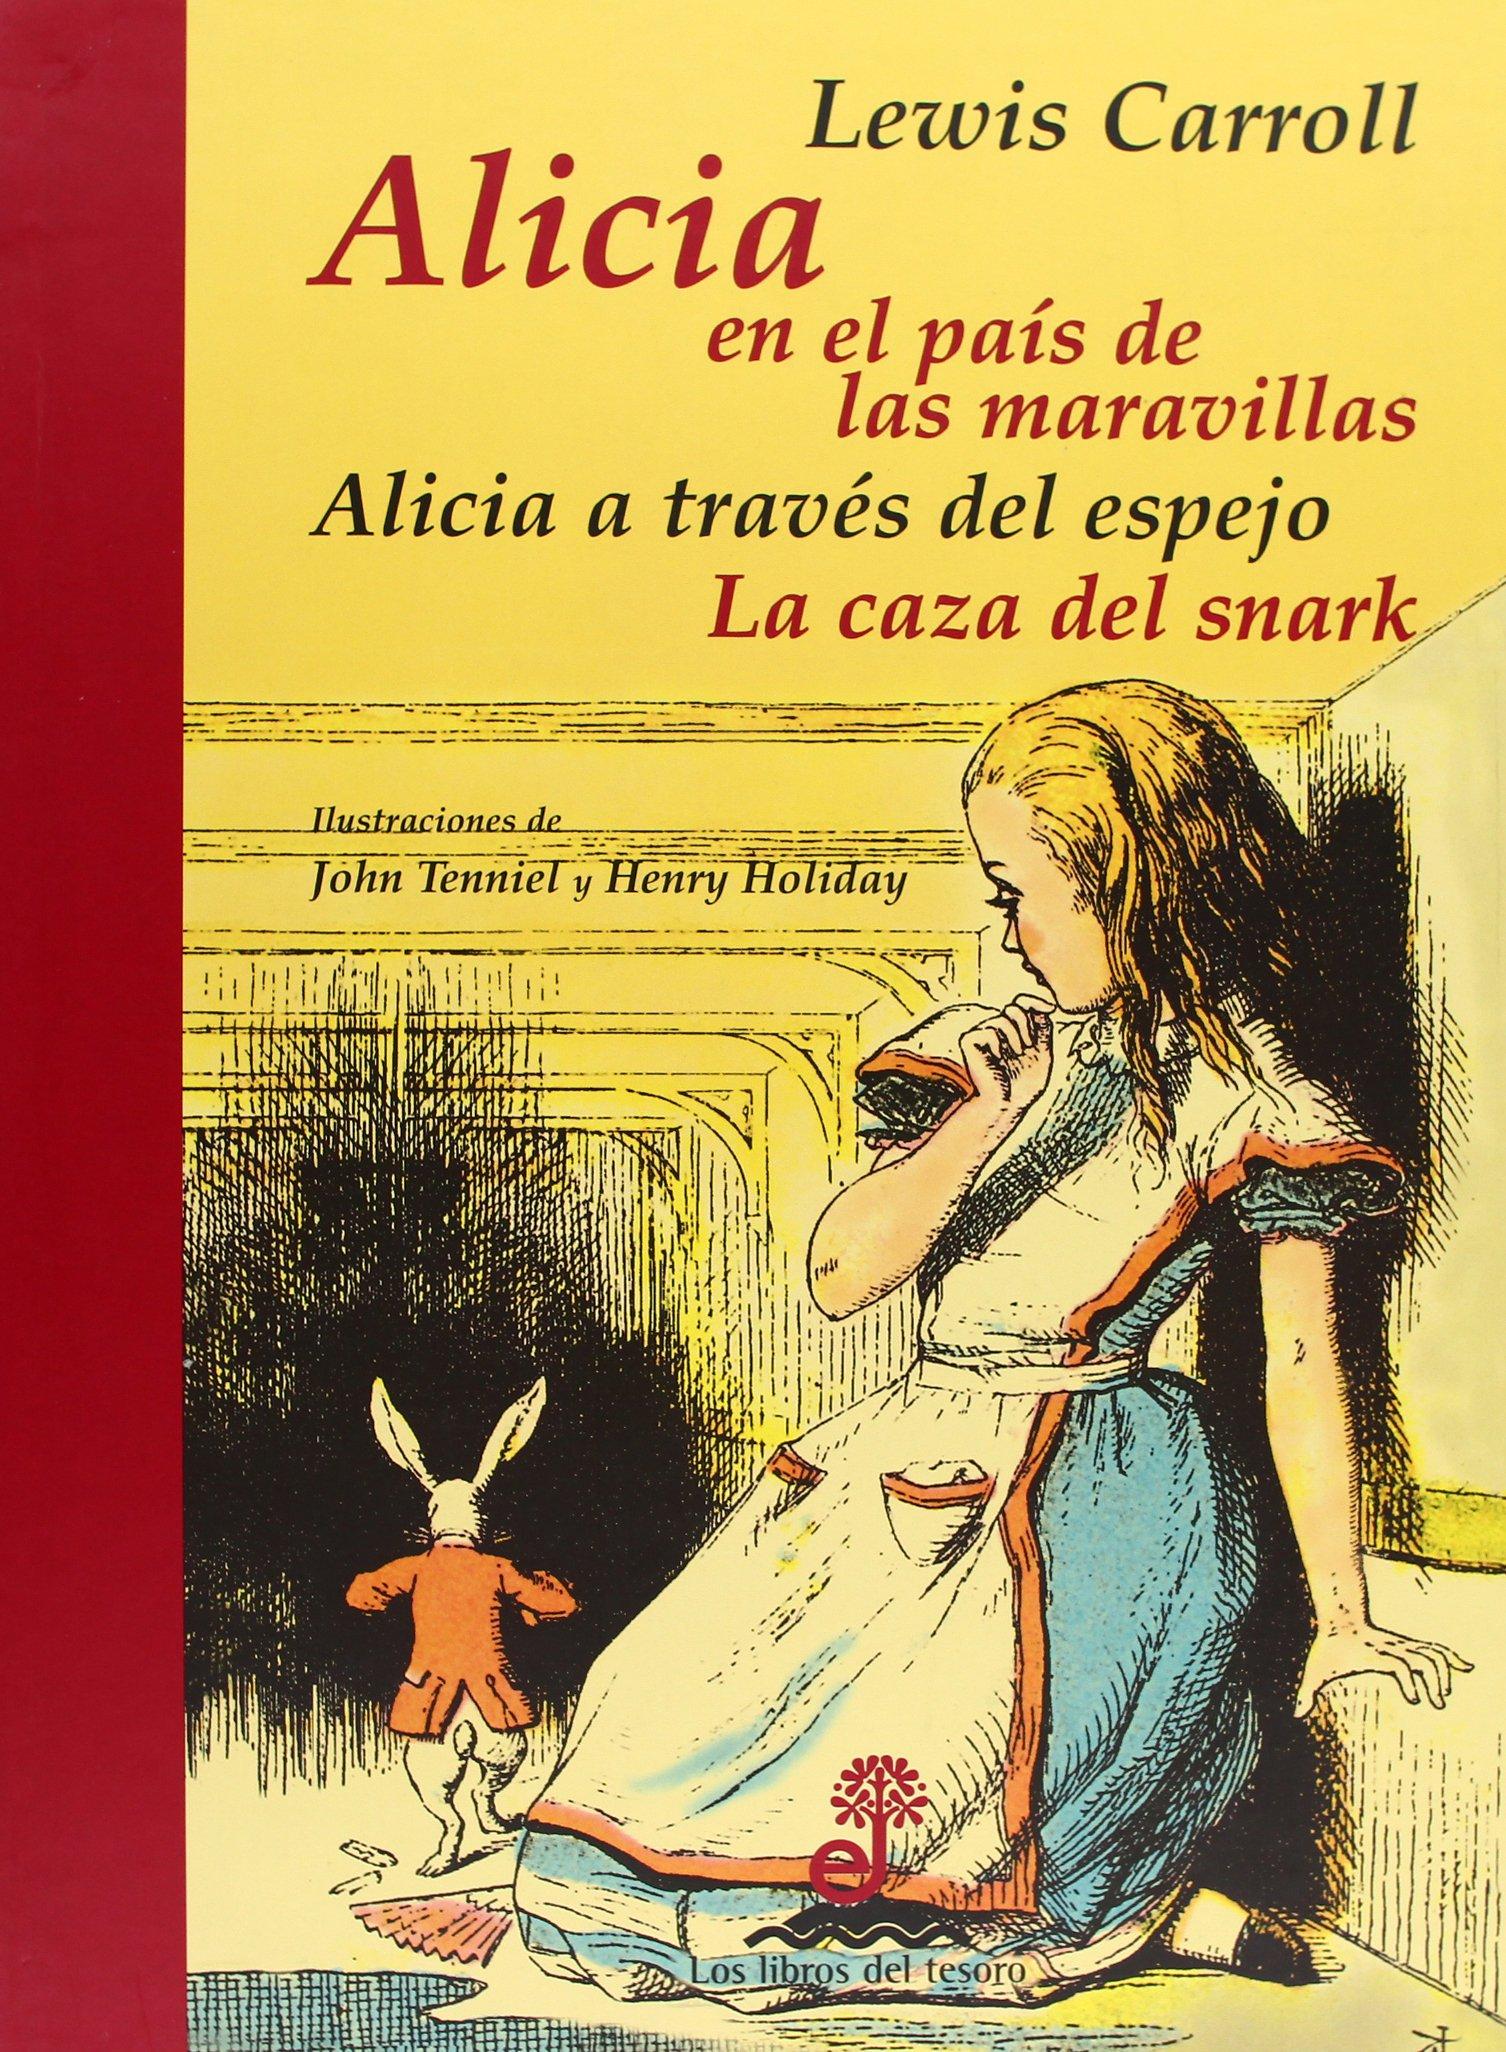 Resultado de imagen para Alicia en el país de las maravillas, de Lewis Carroll